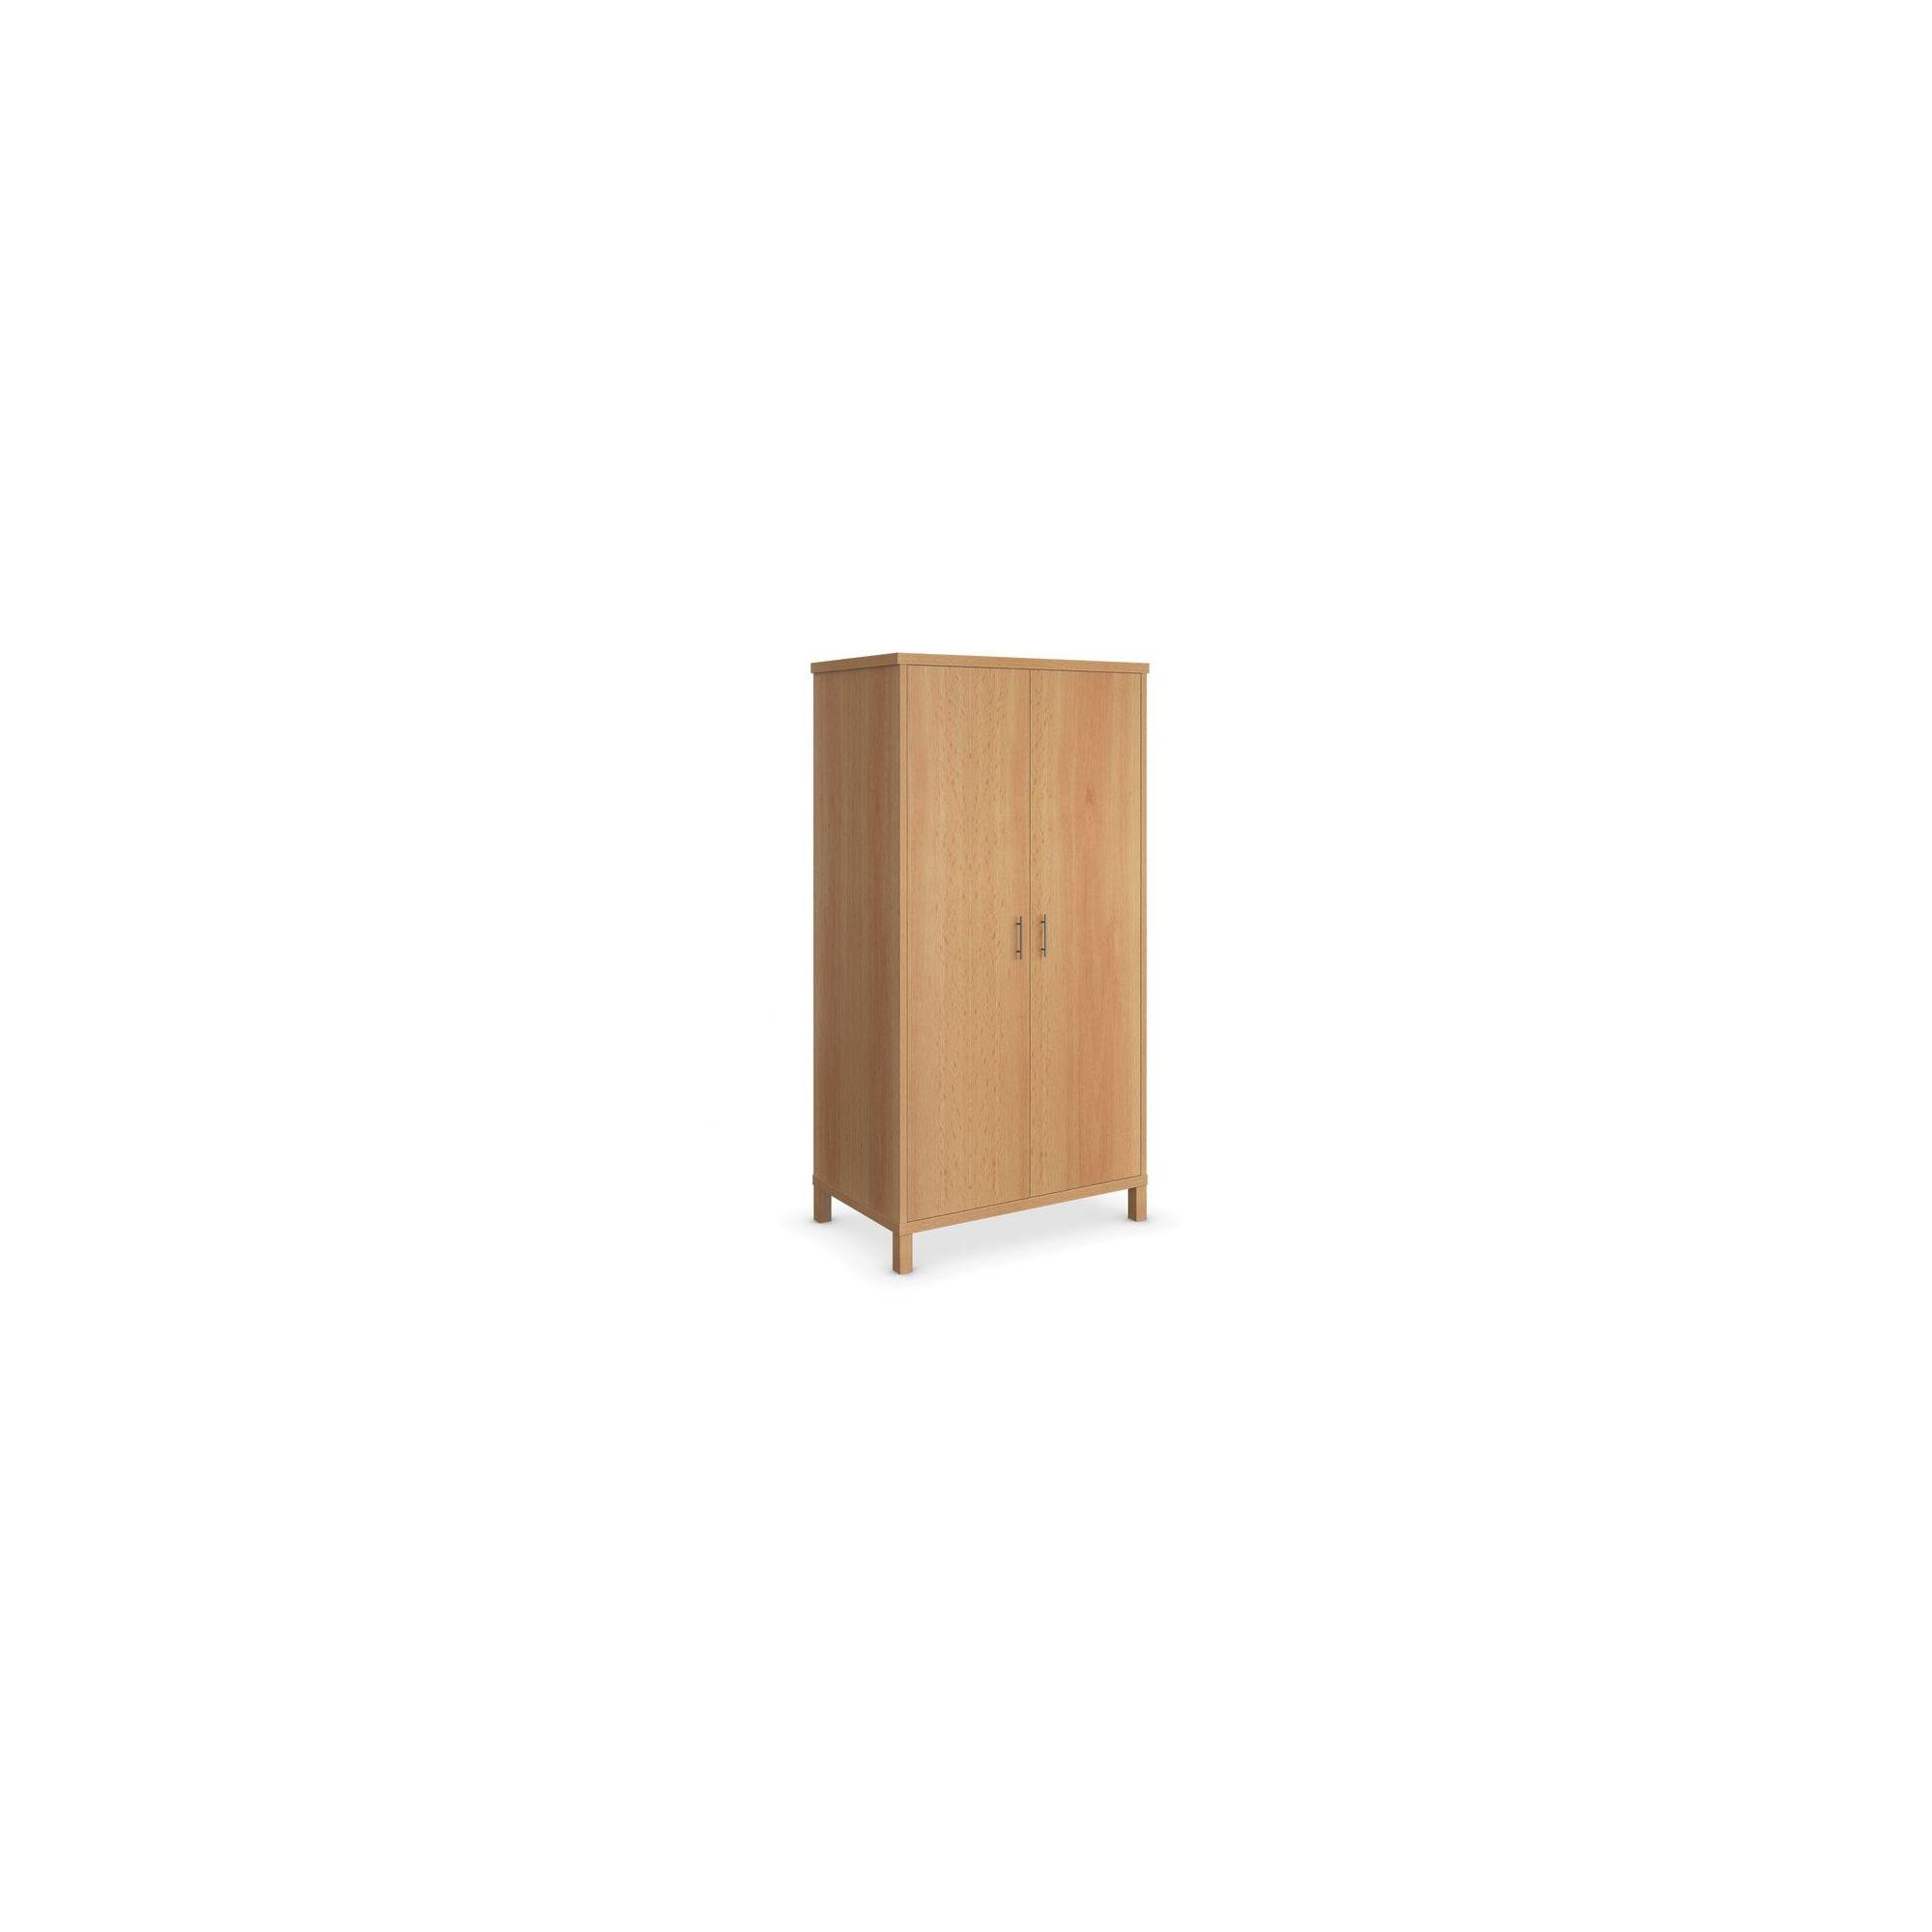 Urbane Designs Vettori Beech Bedroom 2 Door Wardrobe at Tesco Direct